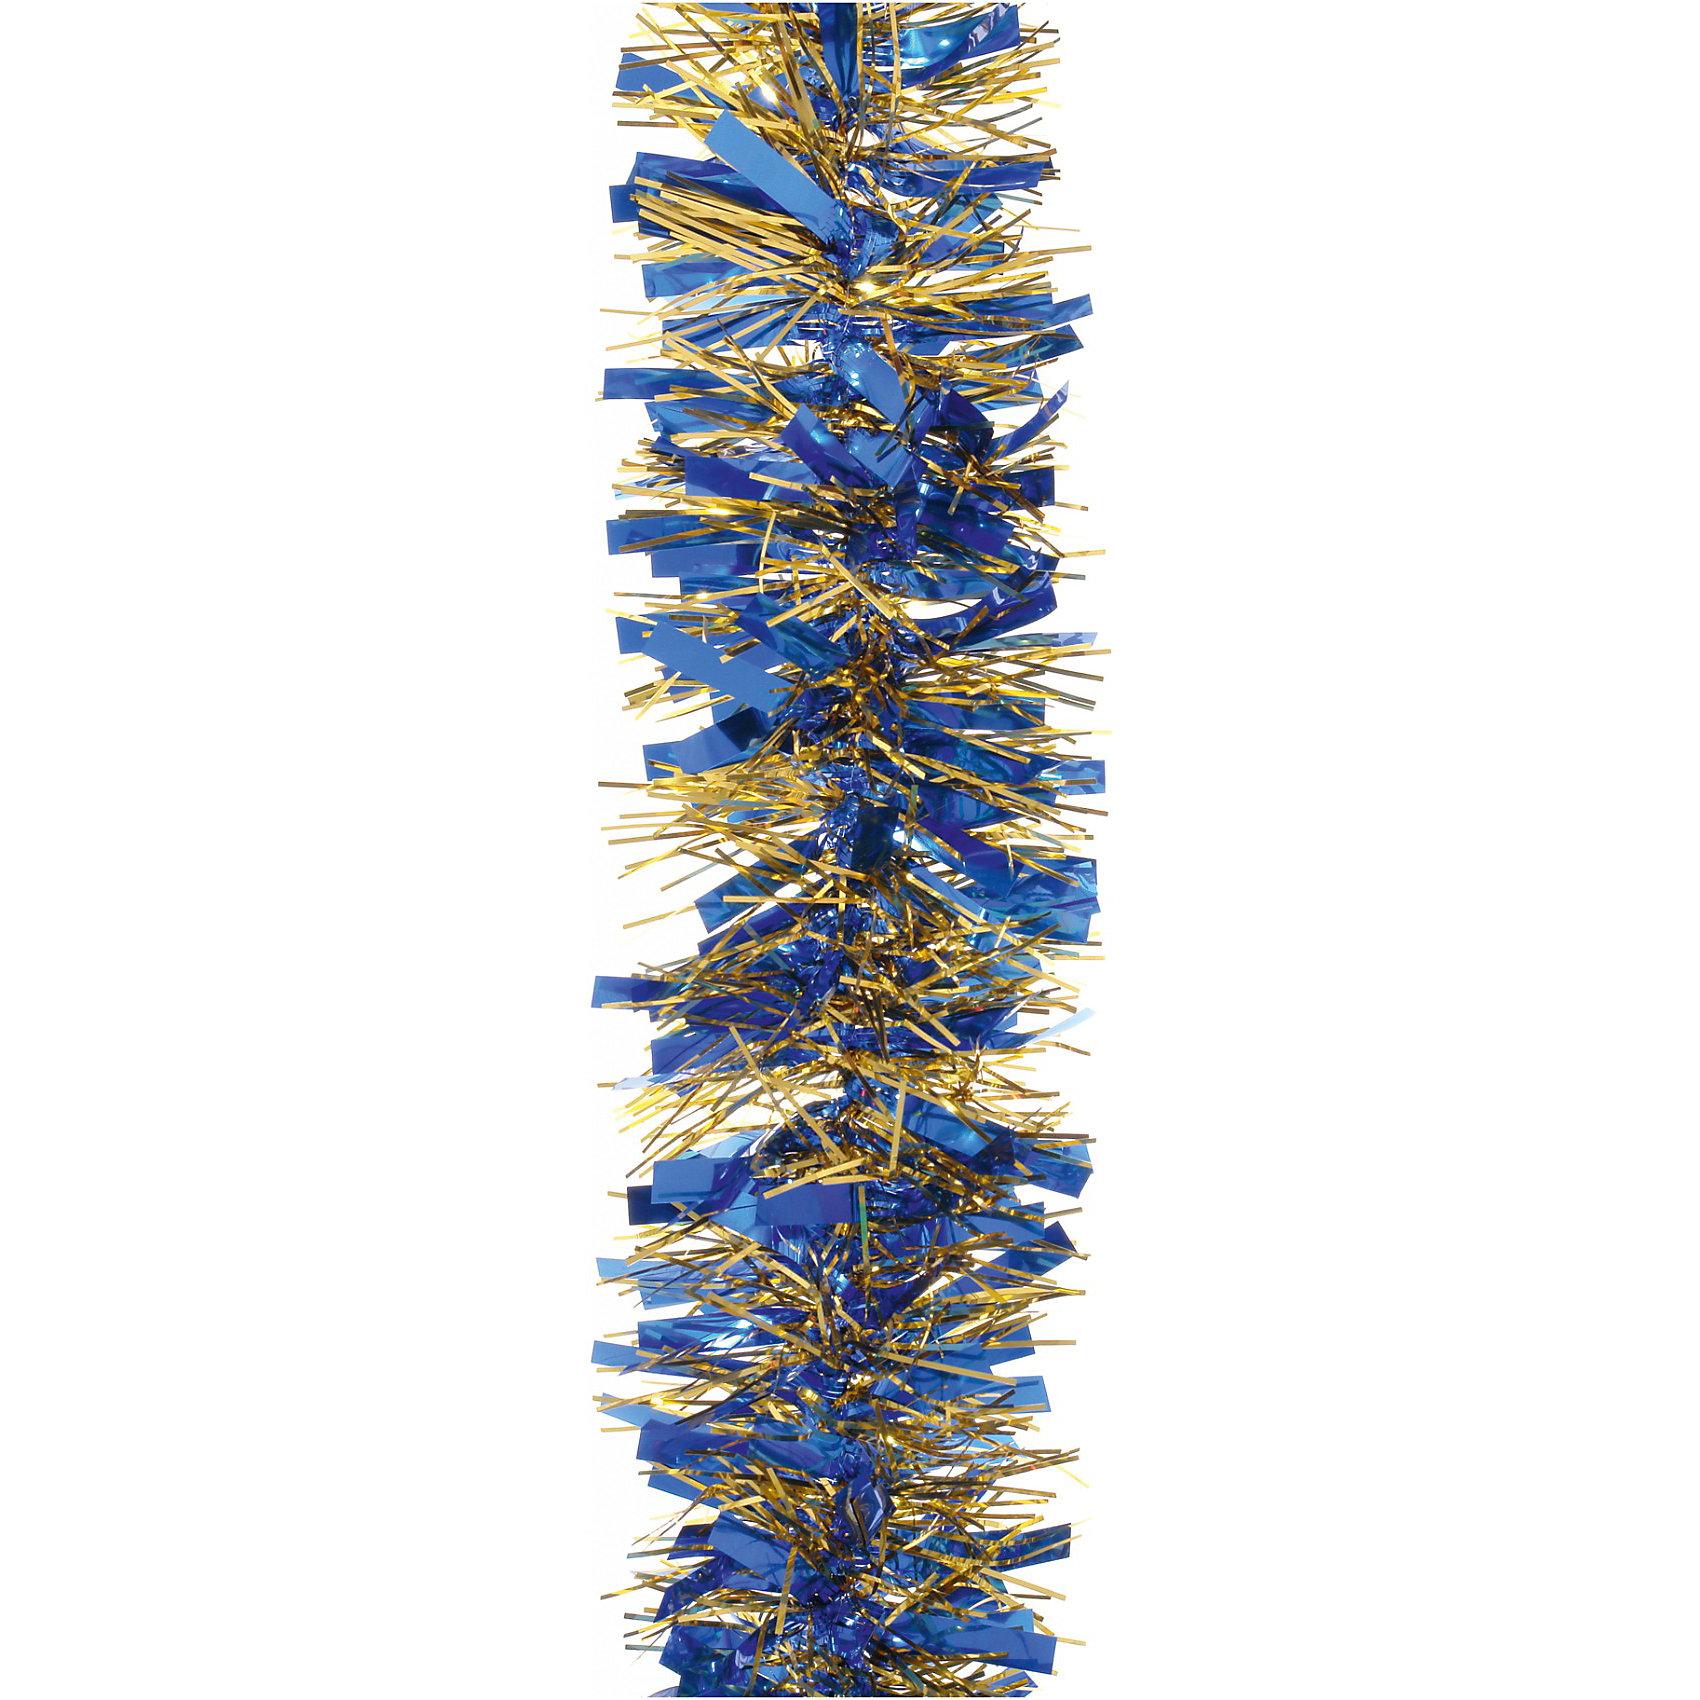 Мишура, 6 слоев, 10 см х 2 м, цвет - синий+золотоНовогодняя мишура и бусы<br>Мишура H-2032, Волшебная страна станет замечательным украшением Вашей новогодней елки или интерьера и поможет создать праздничную волшебную атмосферу. Мишура<br>красивого синего цвета декорирована золотистыми вставками и состоит из шести слоев, она будет чудесно смотреться на елке и радовать детей и взрослых. <br><br>Дополнительная информация:<br><br>- Цвет: синий + золото.<br>- Размер мишуры: 10 см. х 2 м.<br>- Вес: 95 гр. <br><br>Мишуру H-2032, 6 слоев, Волшебная страна можно купить в нашем интернет-магазине.<br><br>Ширина мм: 520<br>Глубина мм: 100<br>Высота мм: 100<br>Вес г: 95<br>Возраст от месяцев: 60<br>Возраст до месяцев: 180<br>Пол: Унисекс<br>Возраст: Детский<br>SKU: 3791418